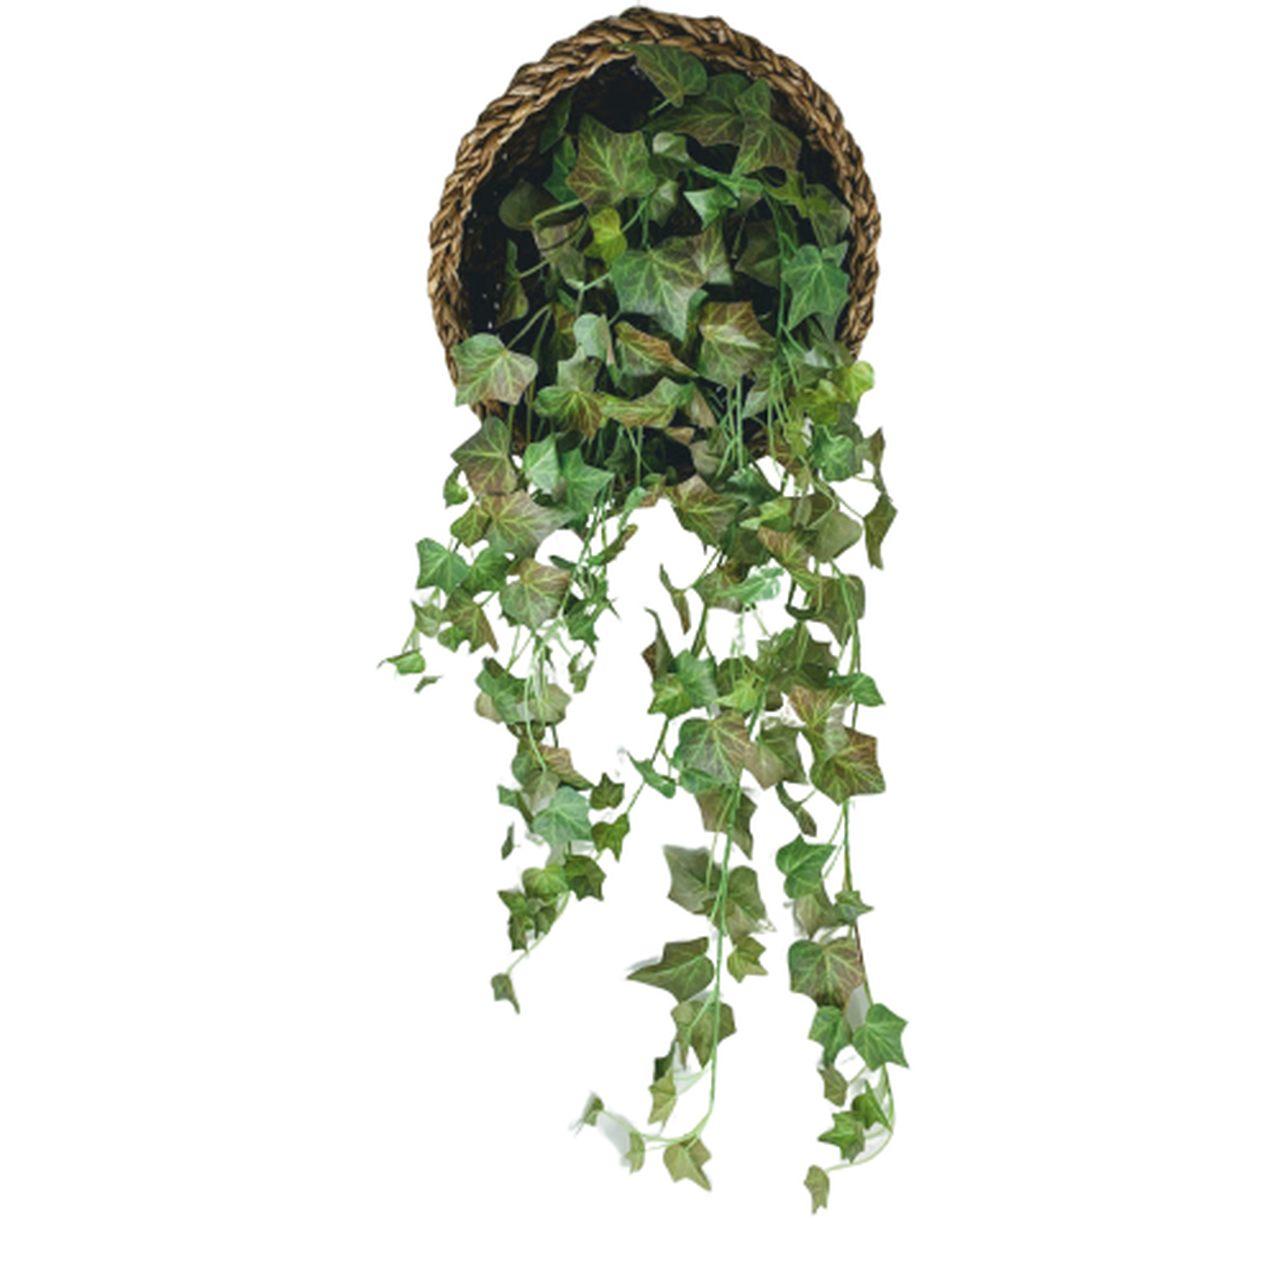 Buque de folhagem de Hera pendente planta artificial em silicone